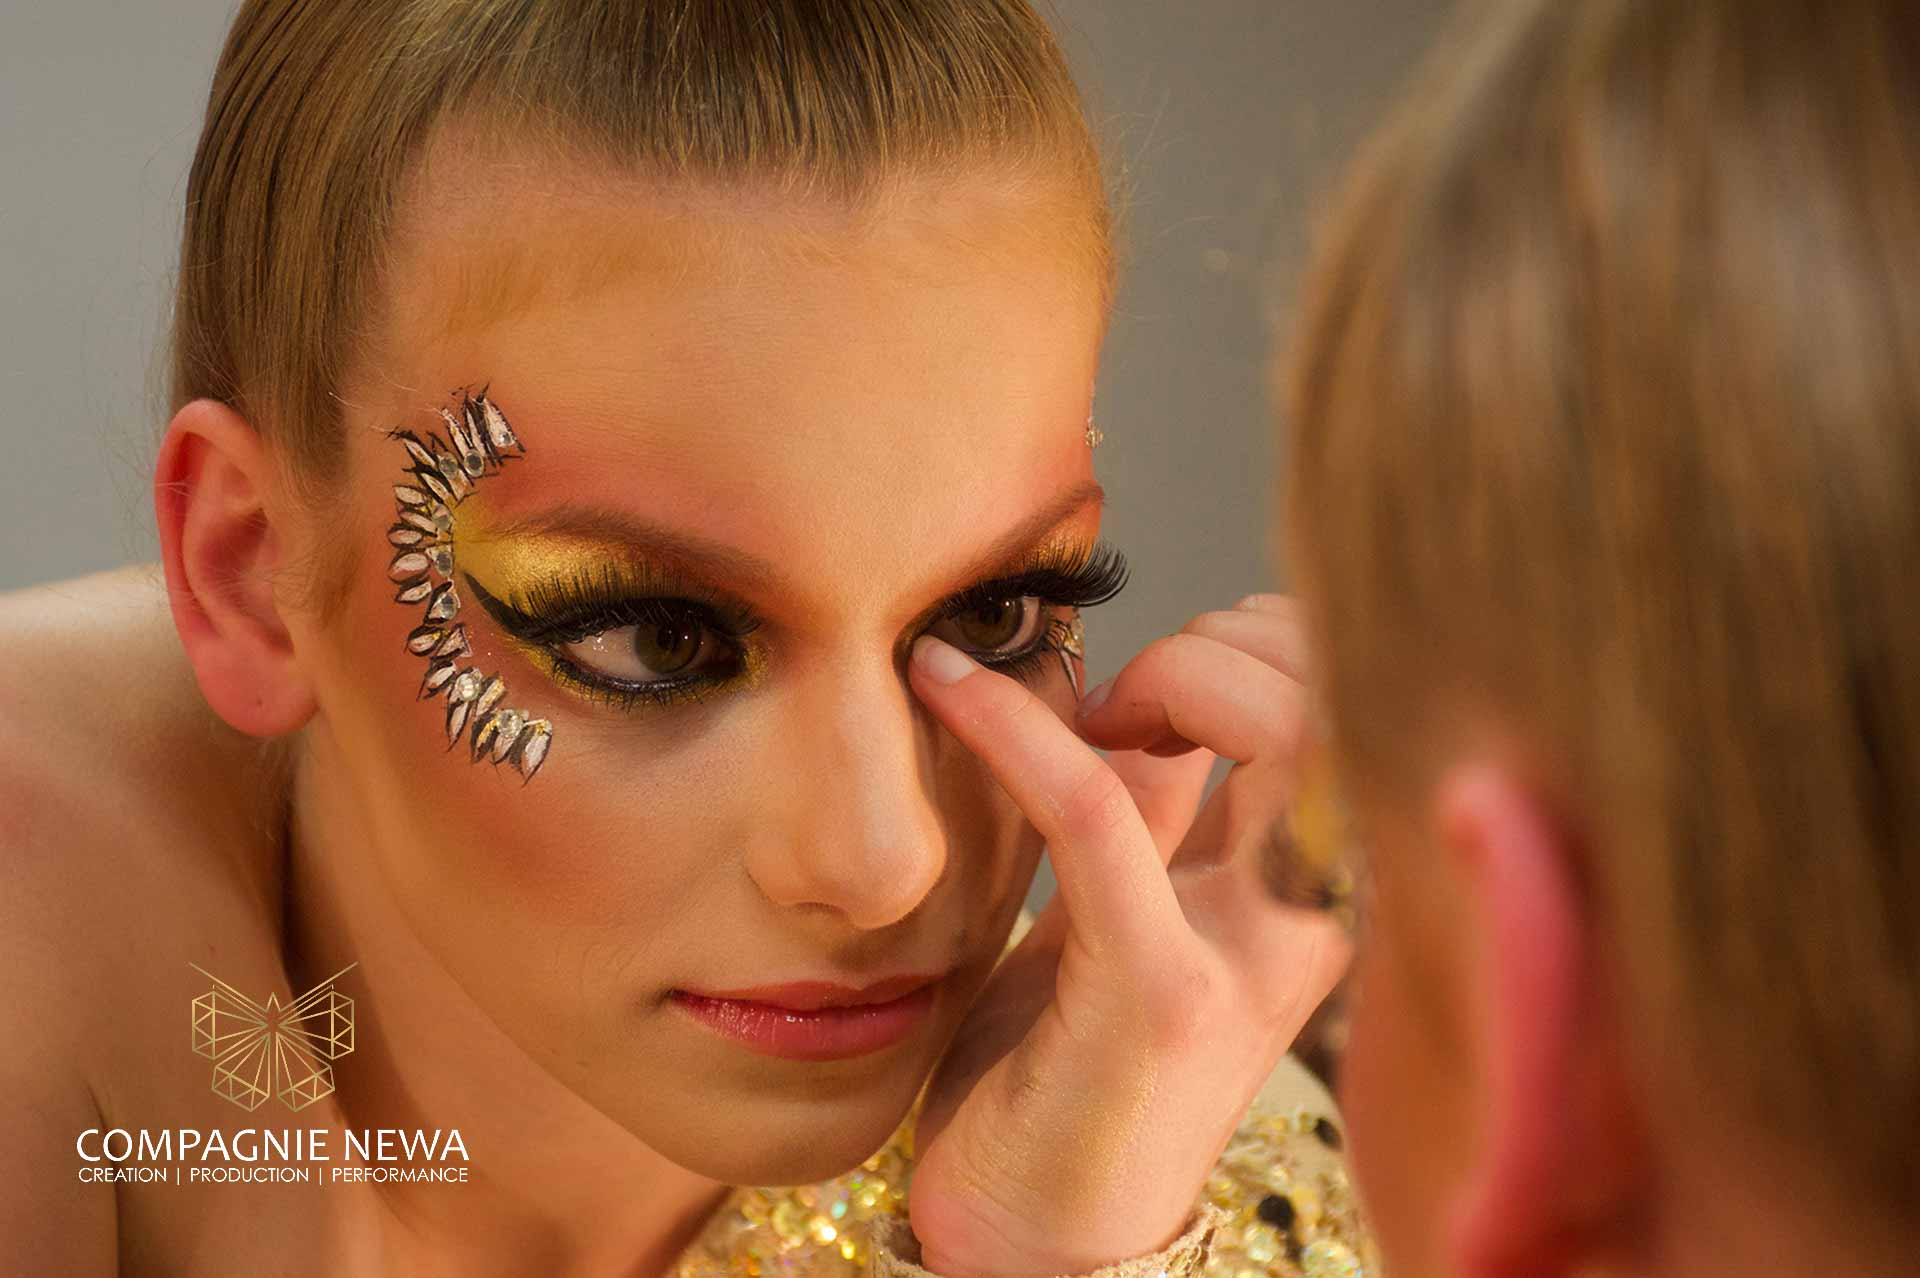 Compagnie_NEWA_visagiste_makeup_belgie